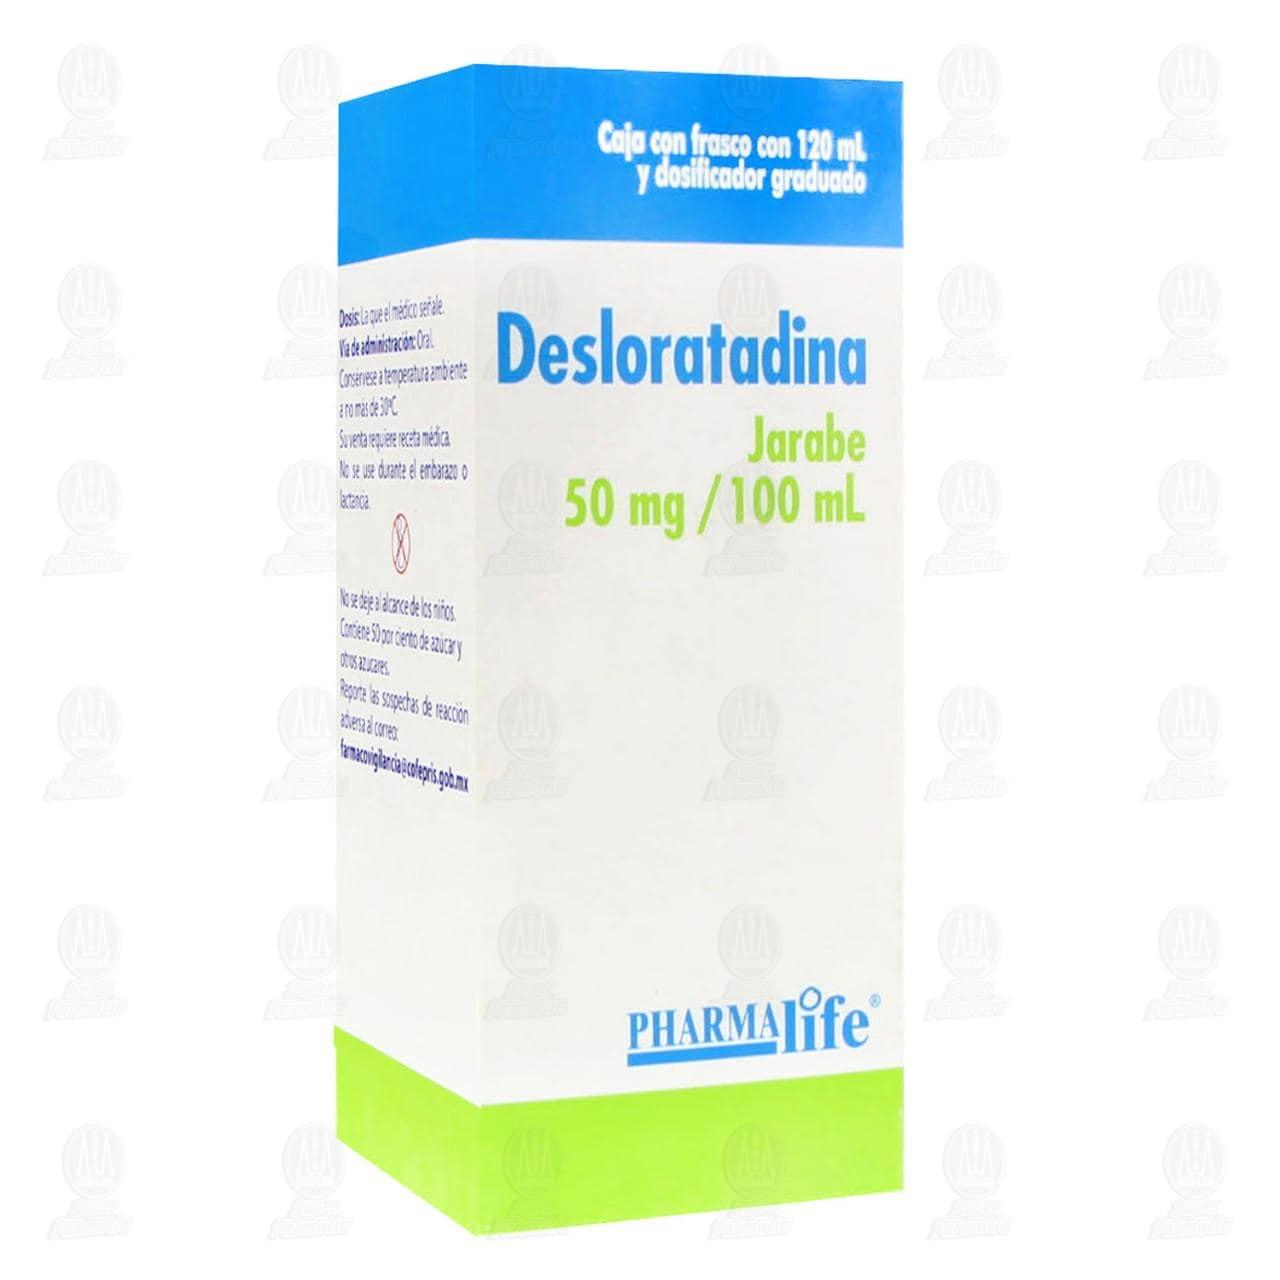 Comprar Desloratadina Jarabe 50mg/100ml 120ml Pharmalife en Farmacias Guadalajara